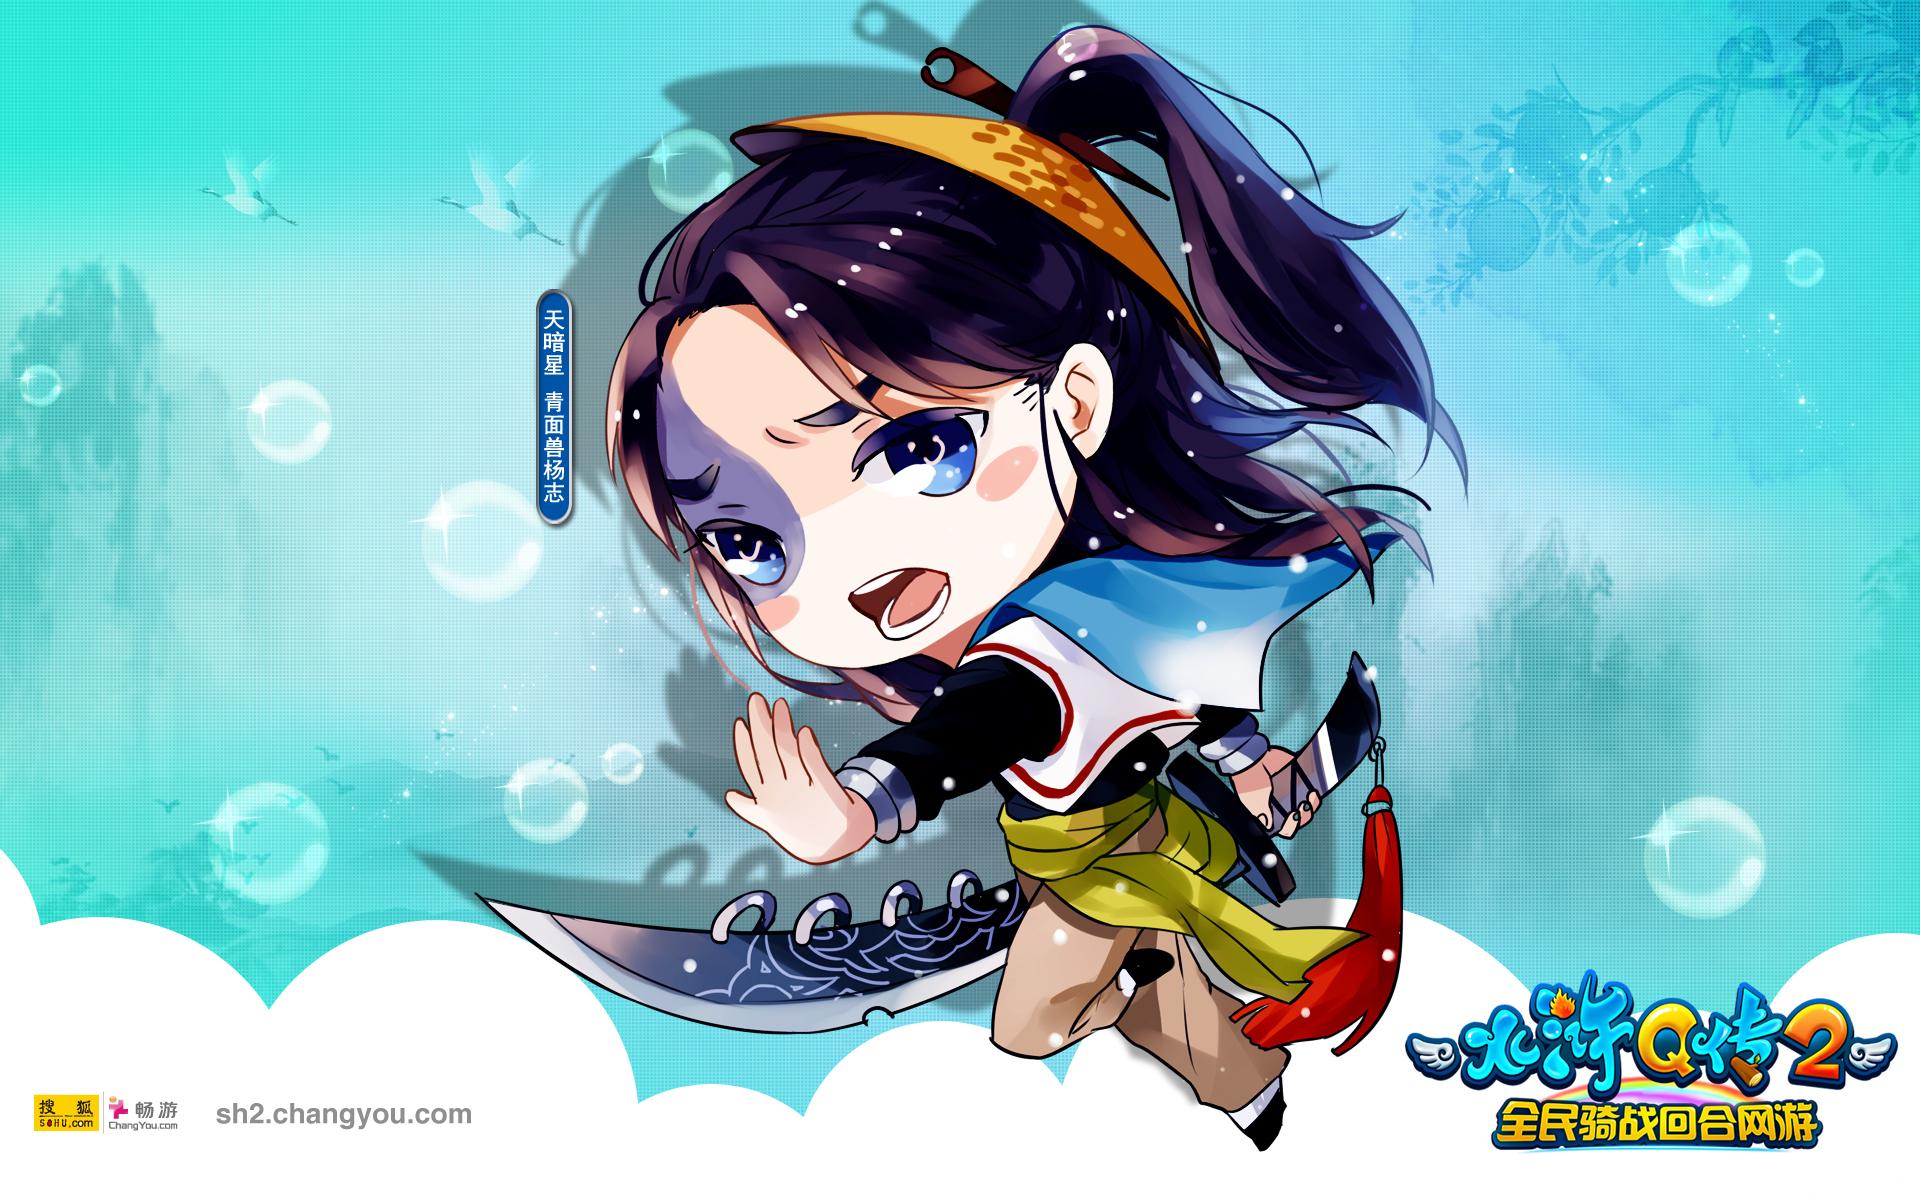 中秋节的水粉画-中秋节水粉画